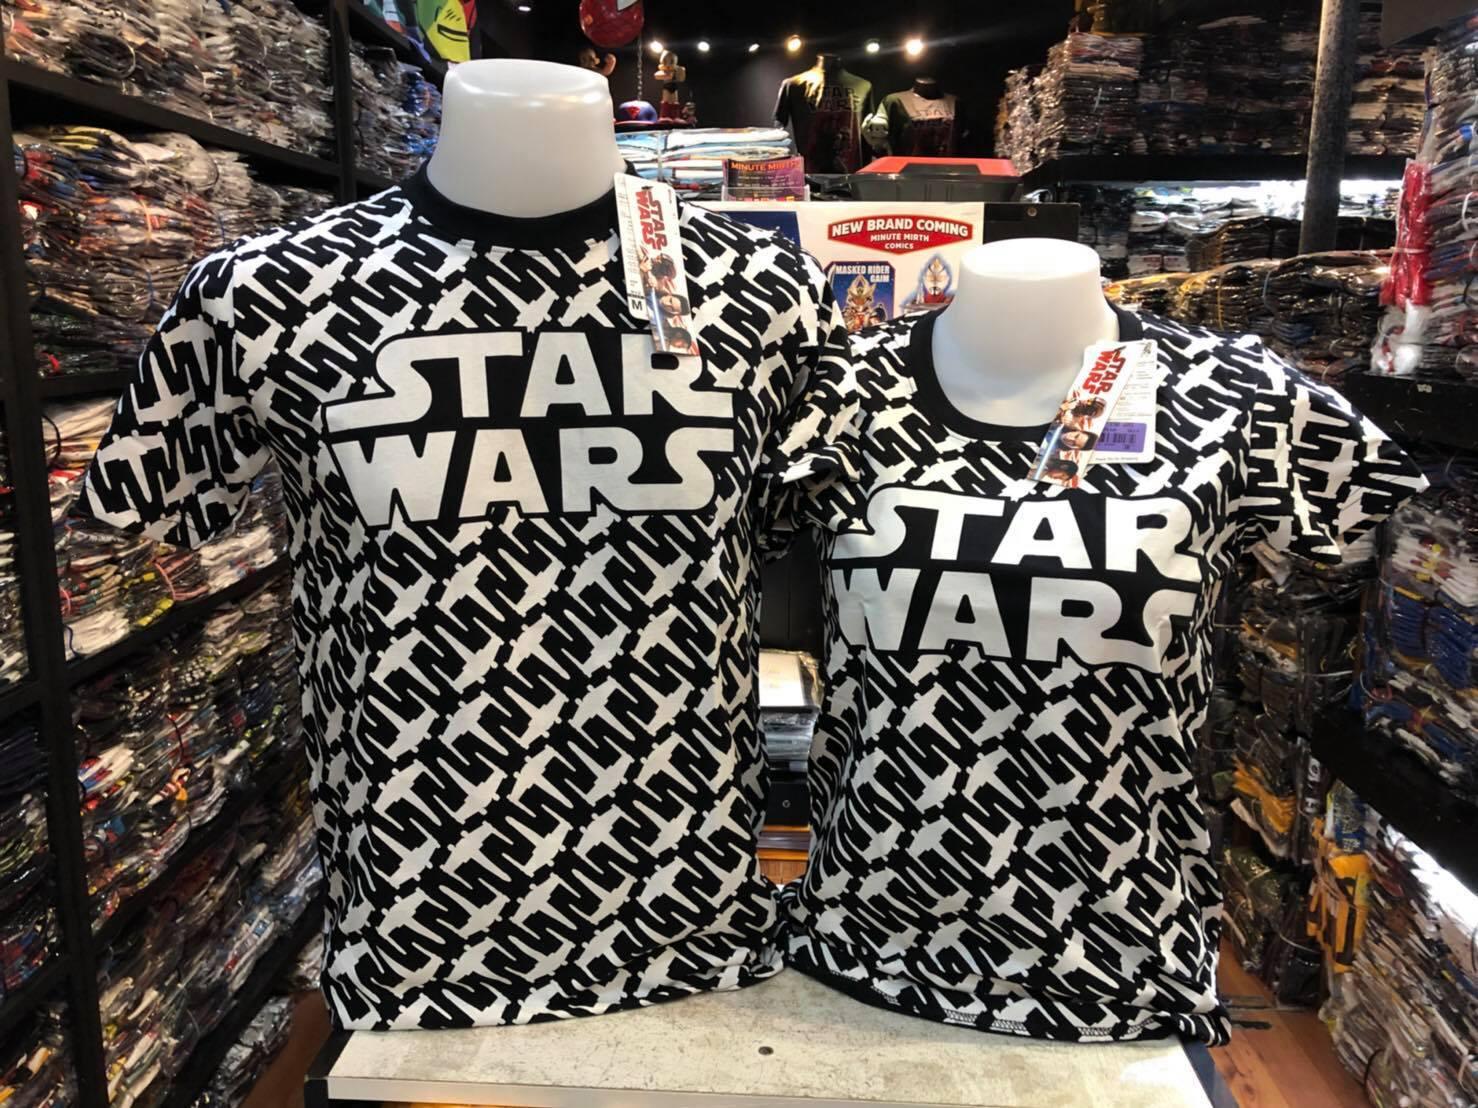 สตาร์วอร์ สีดำ (Star wars logo black white wars ship)